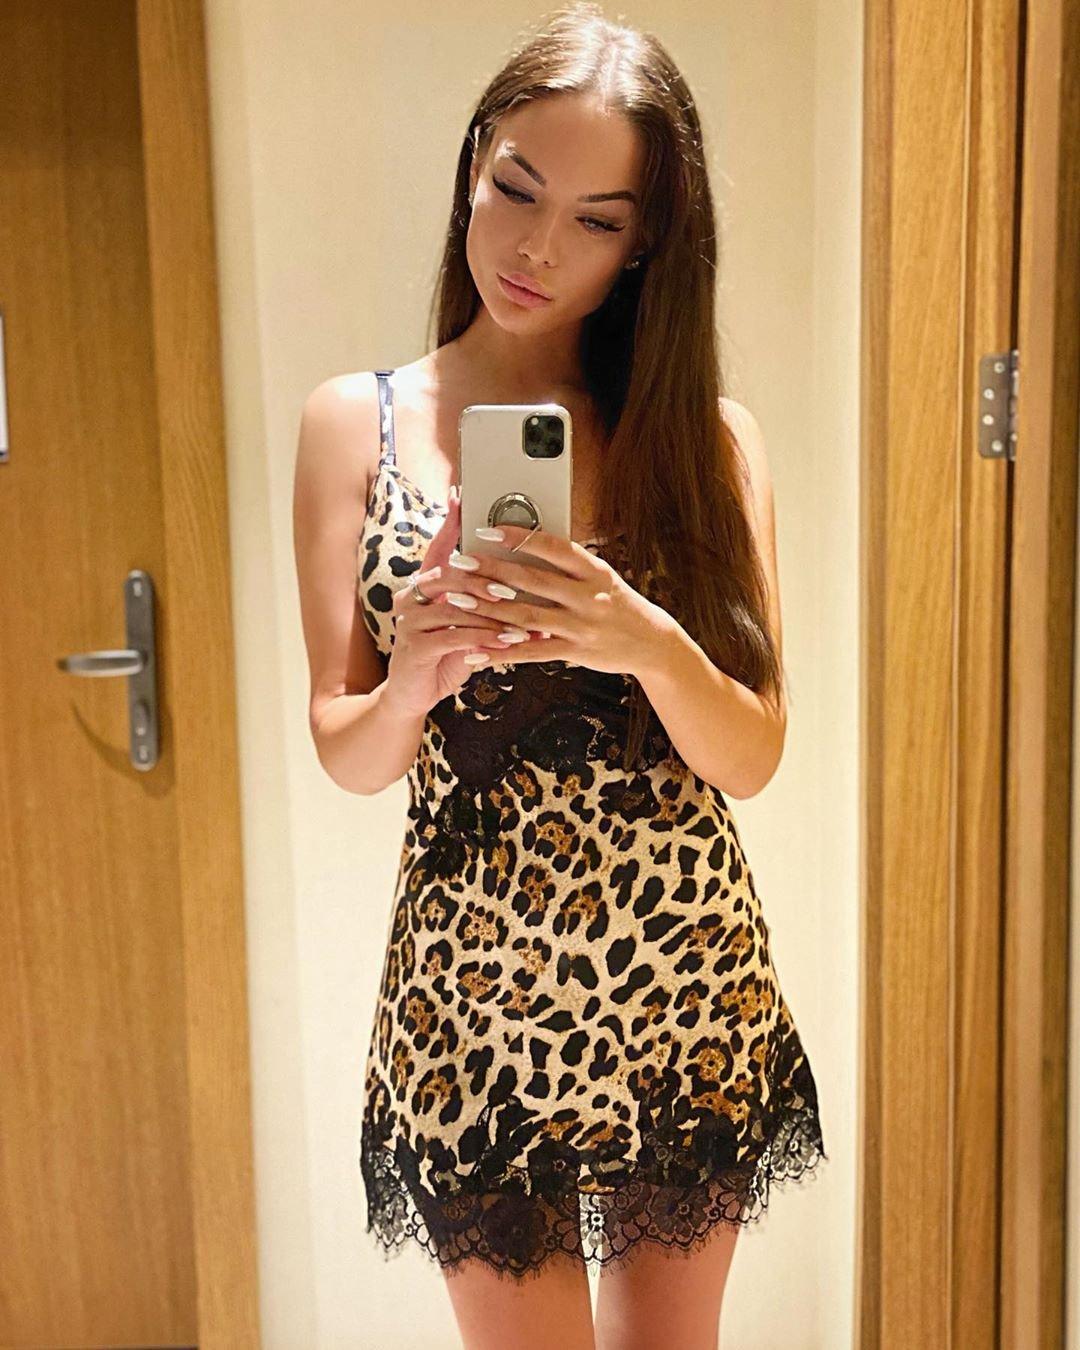 Яна Кошкина решила отправиться на прогулку по Турции в шёлковой леопардовой сорочке